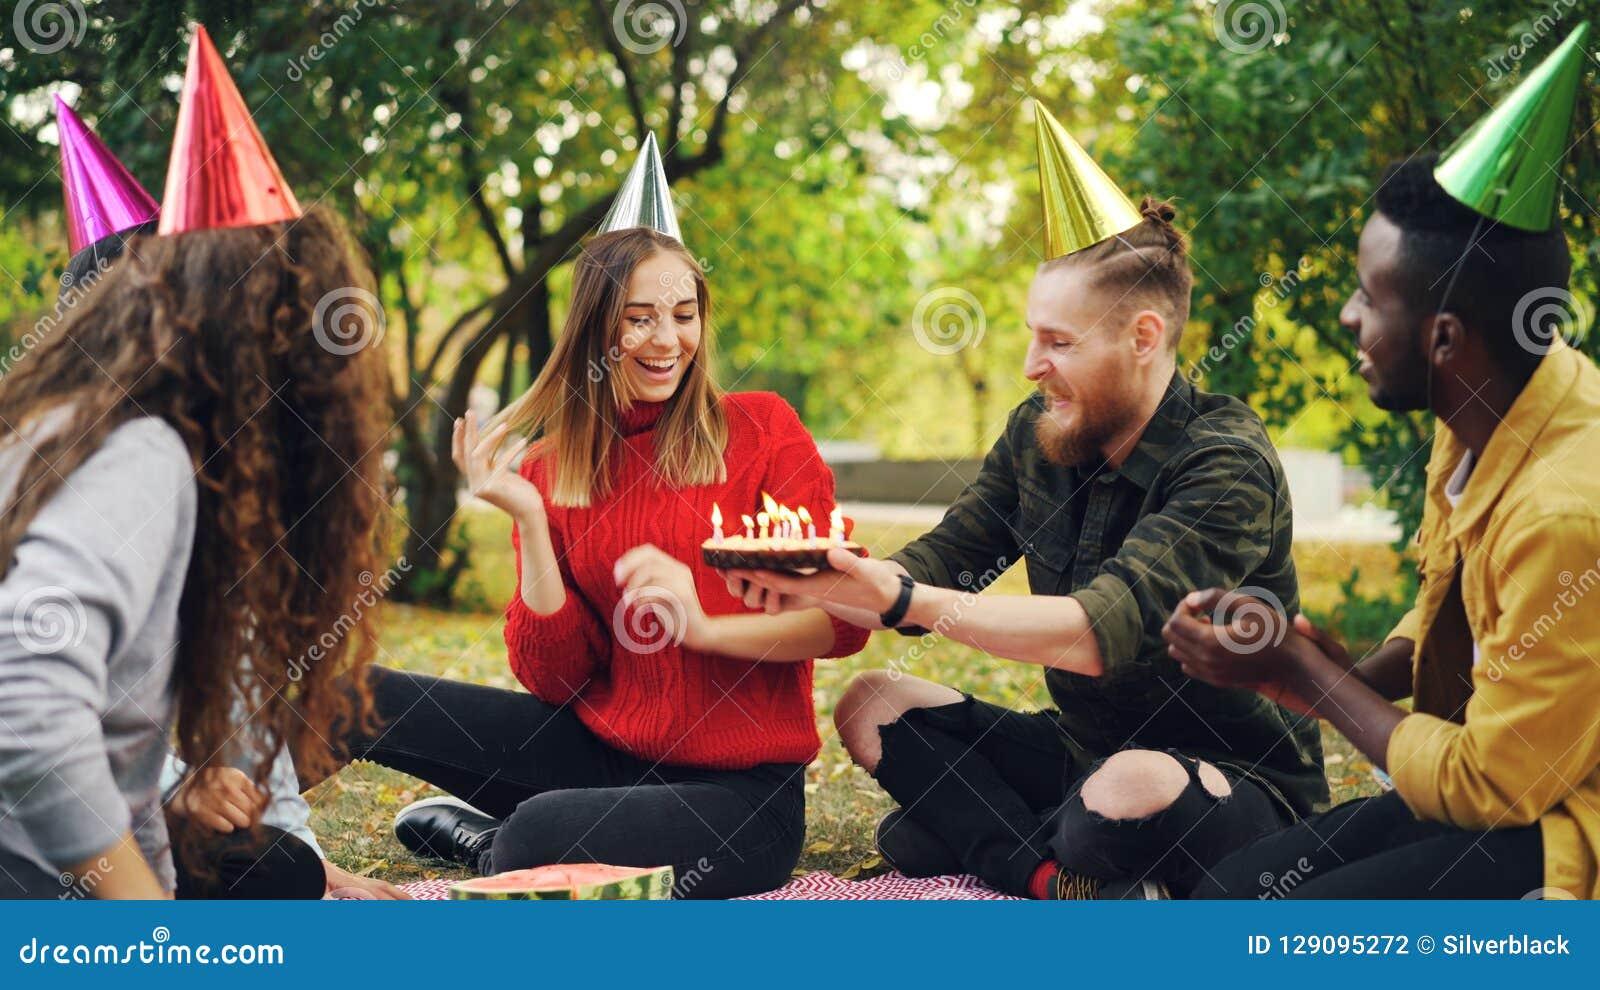 Красивая девушка в шляпе партии празднует день рождения с друзьями в парке на пикнике делая желание, дуя свечи на торте